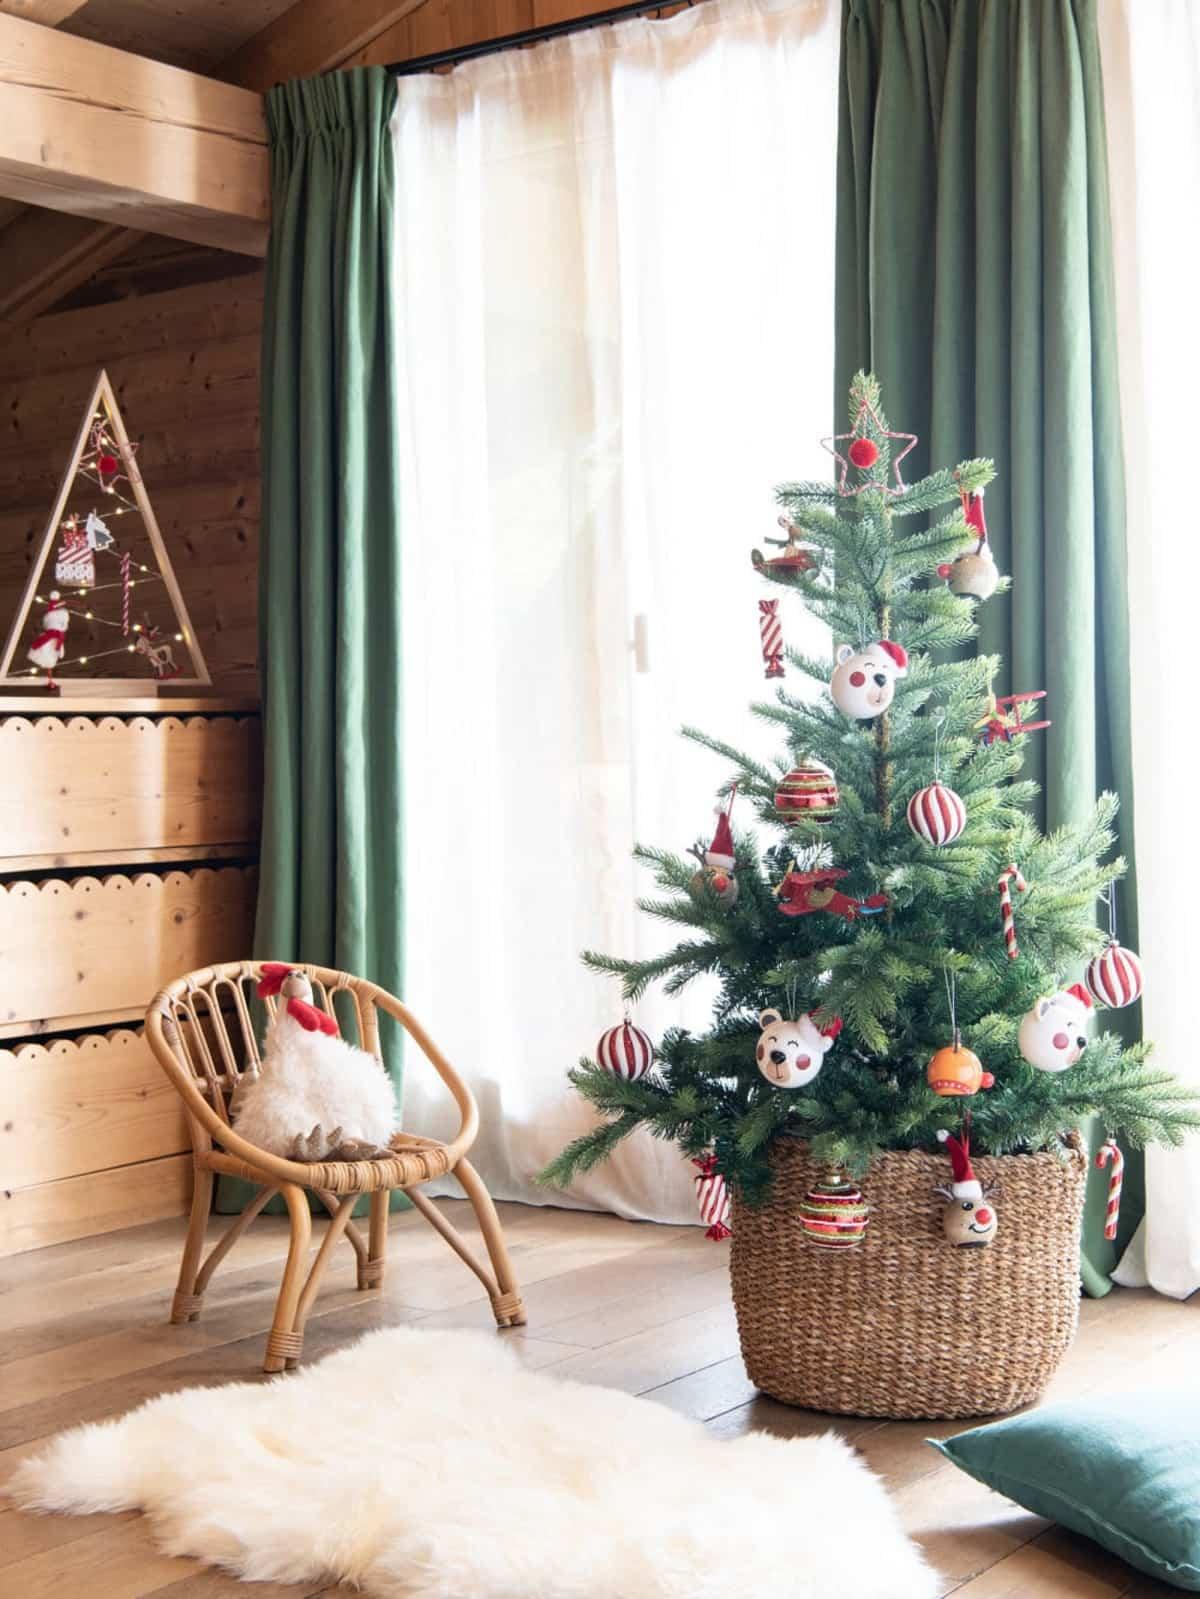 decoracion de navidad ideas y tendencias 2020 2021 2